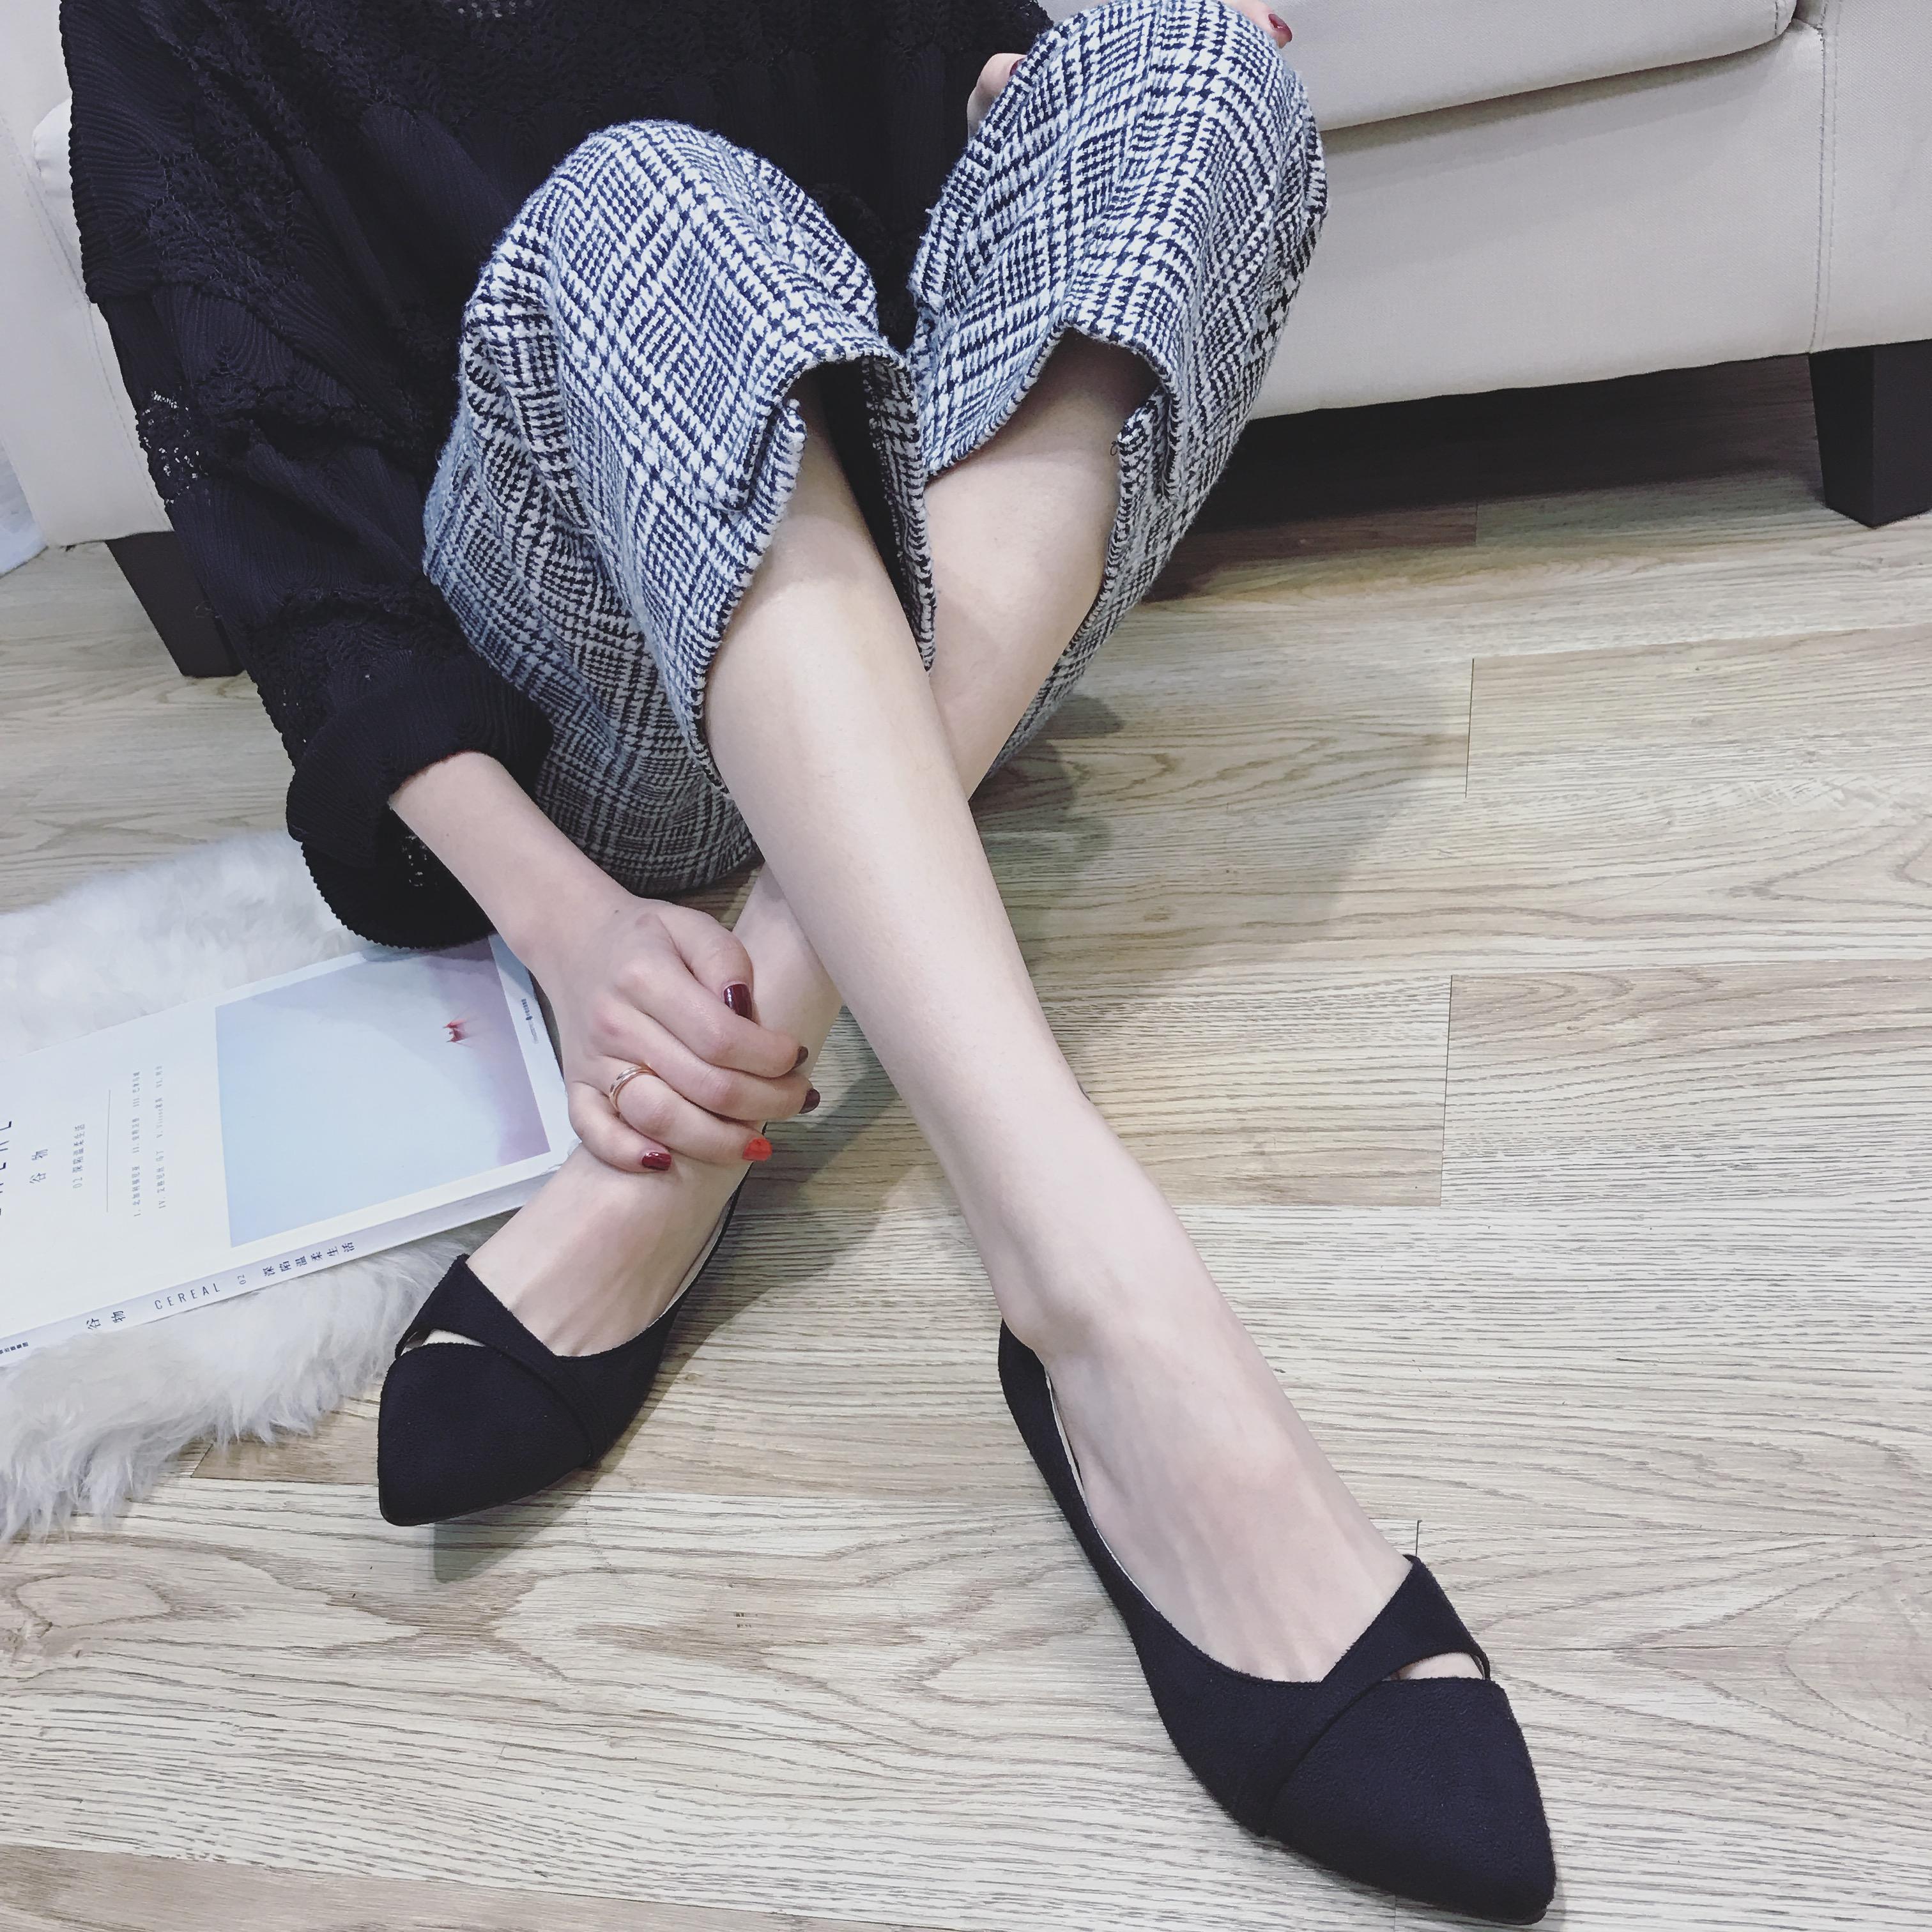 气质小单鞋 包邮时尚气质绒面镂空低跟职场白领工作宝蓝色单鞋尖头大码女瓢鞋_推荐淘宝好看的女气质单鞋